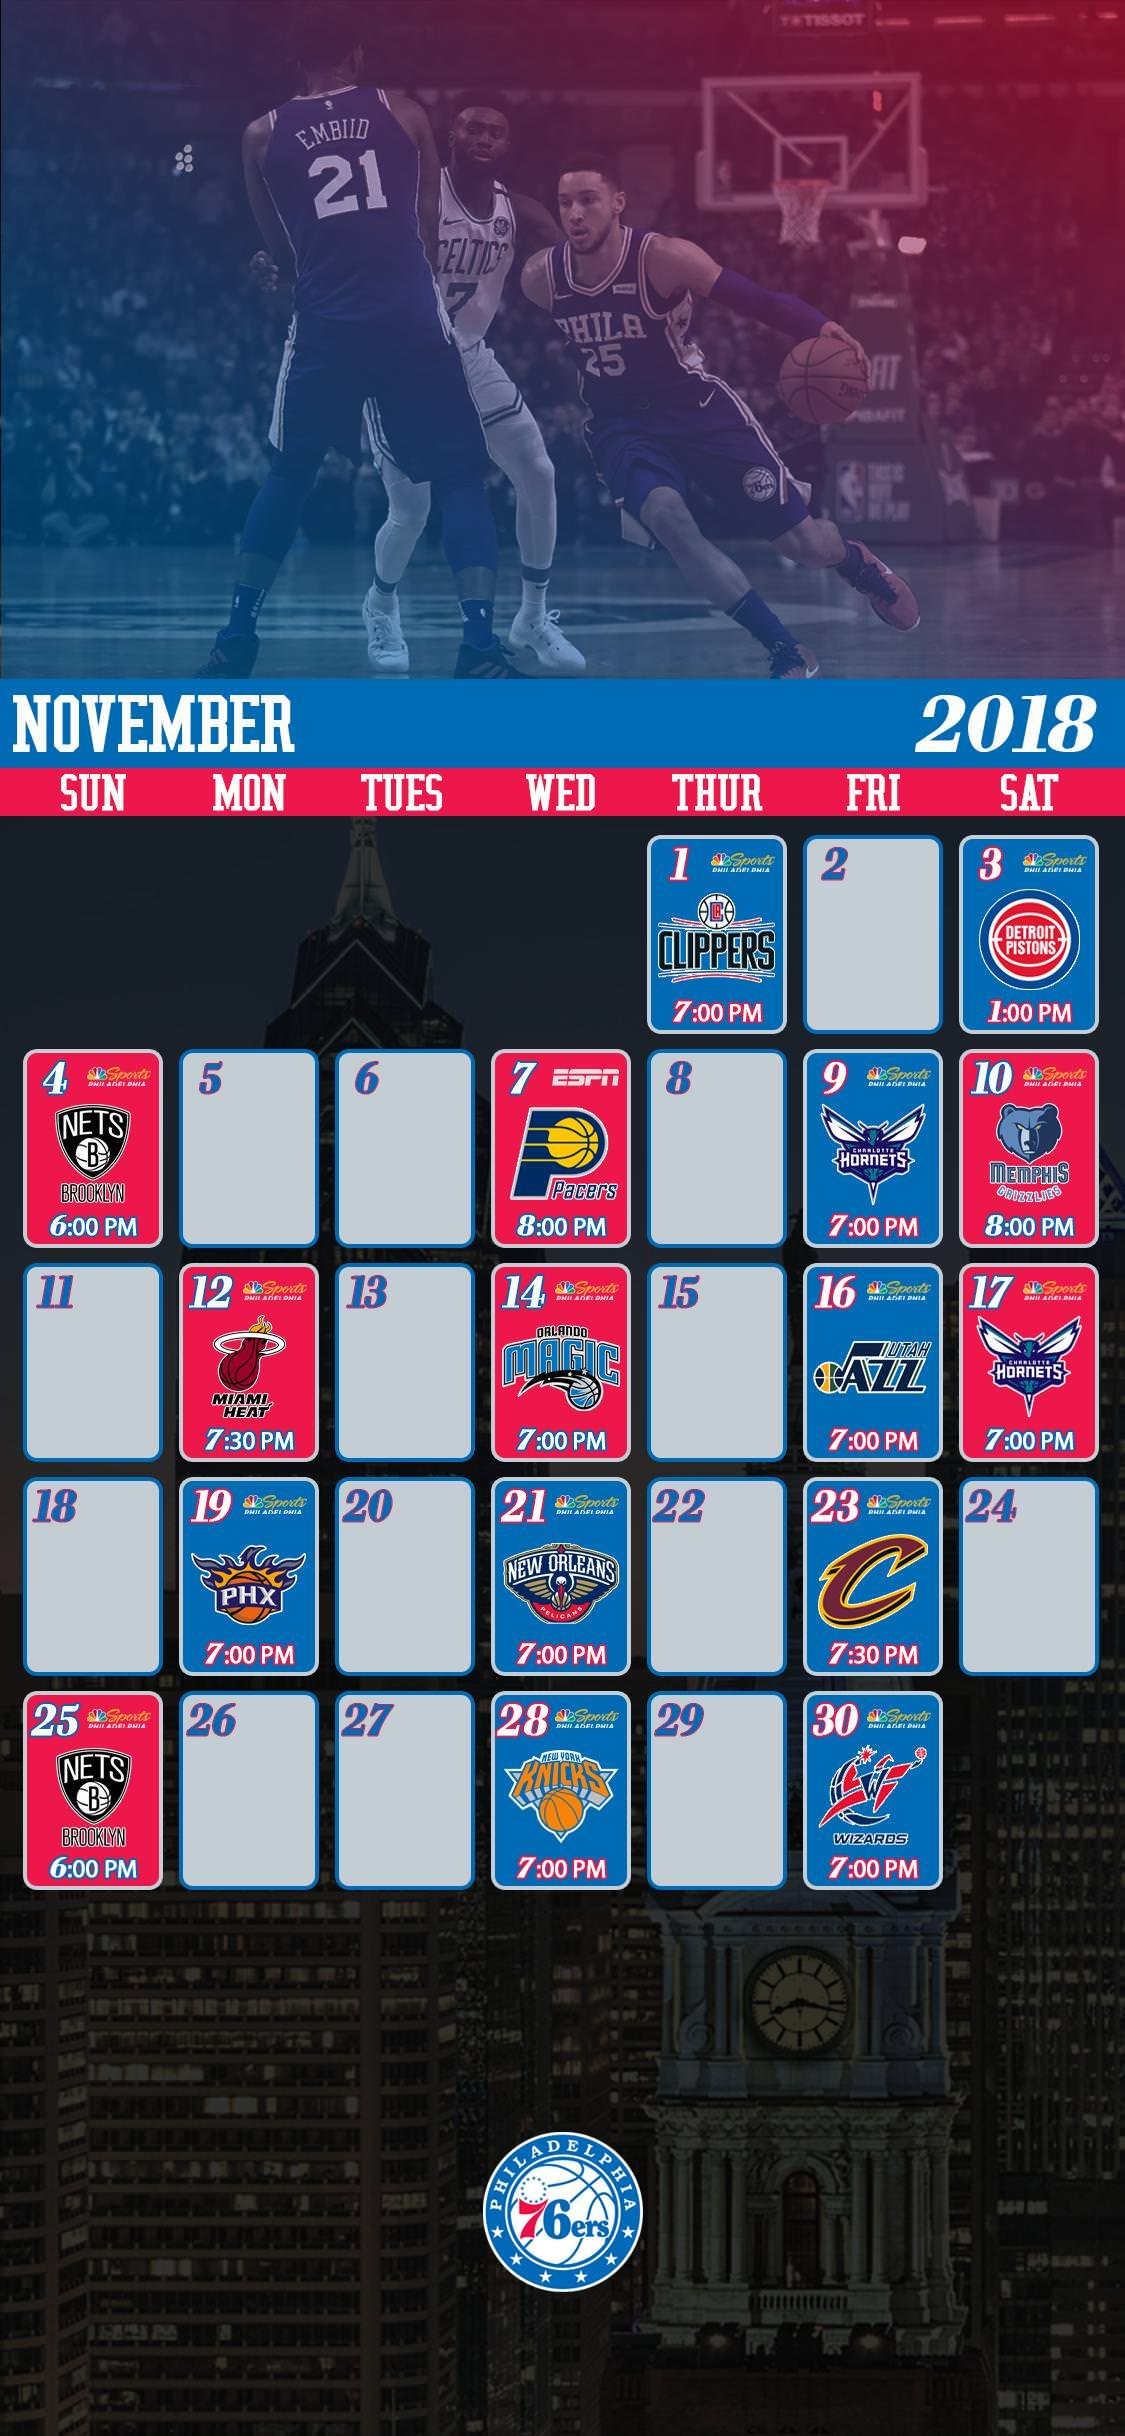 November Sixers Schedule Lock Screen Wallpaper : Sixers 76Ers Calendar 2019